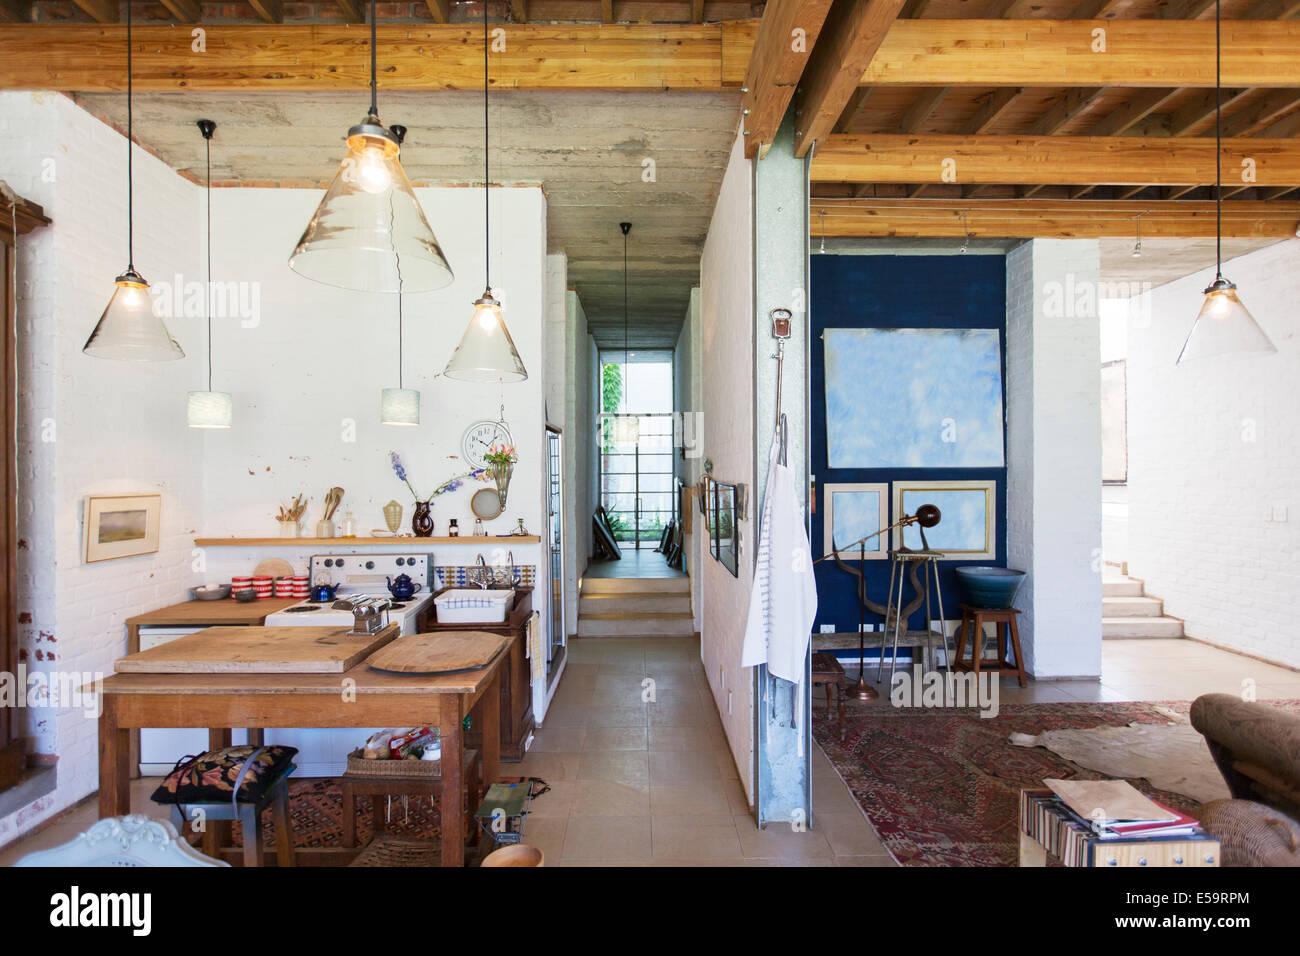 La cucina e il salotto di casa rustico Immagini Stock